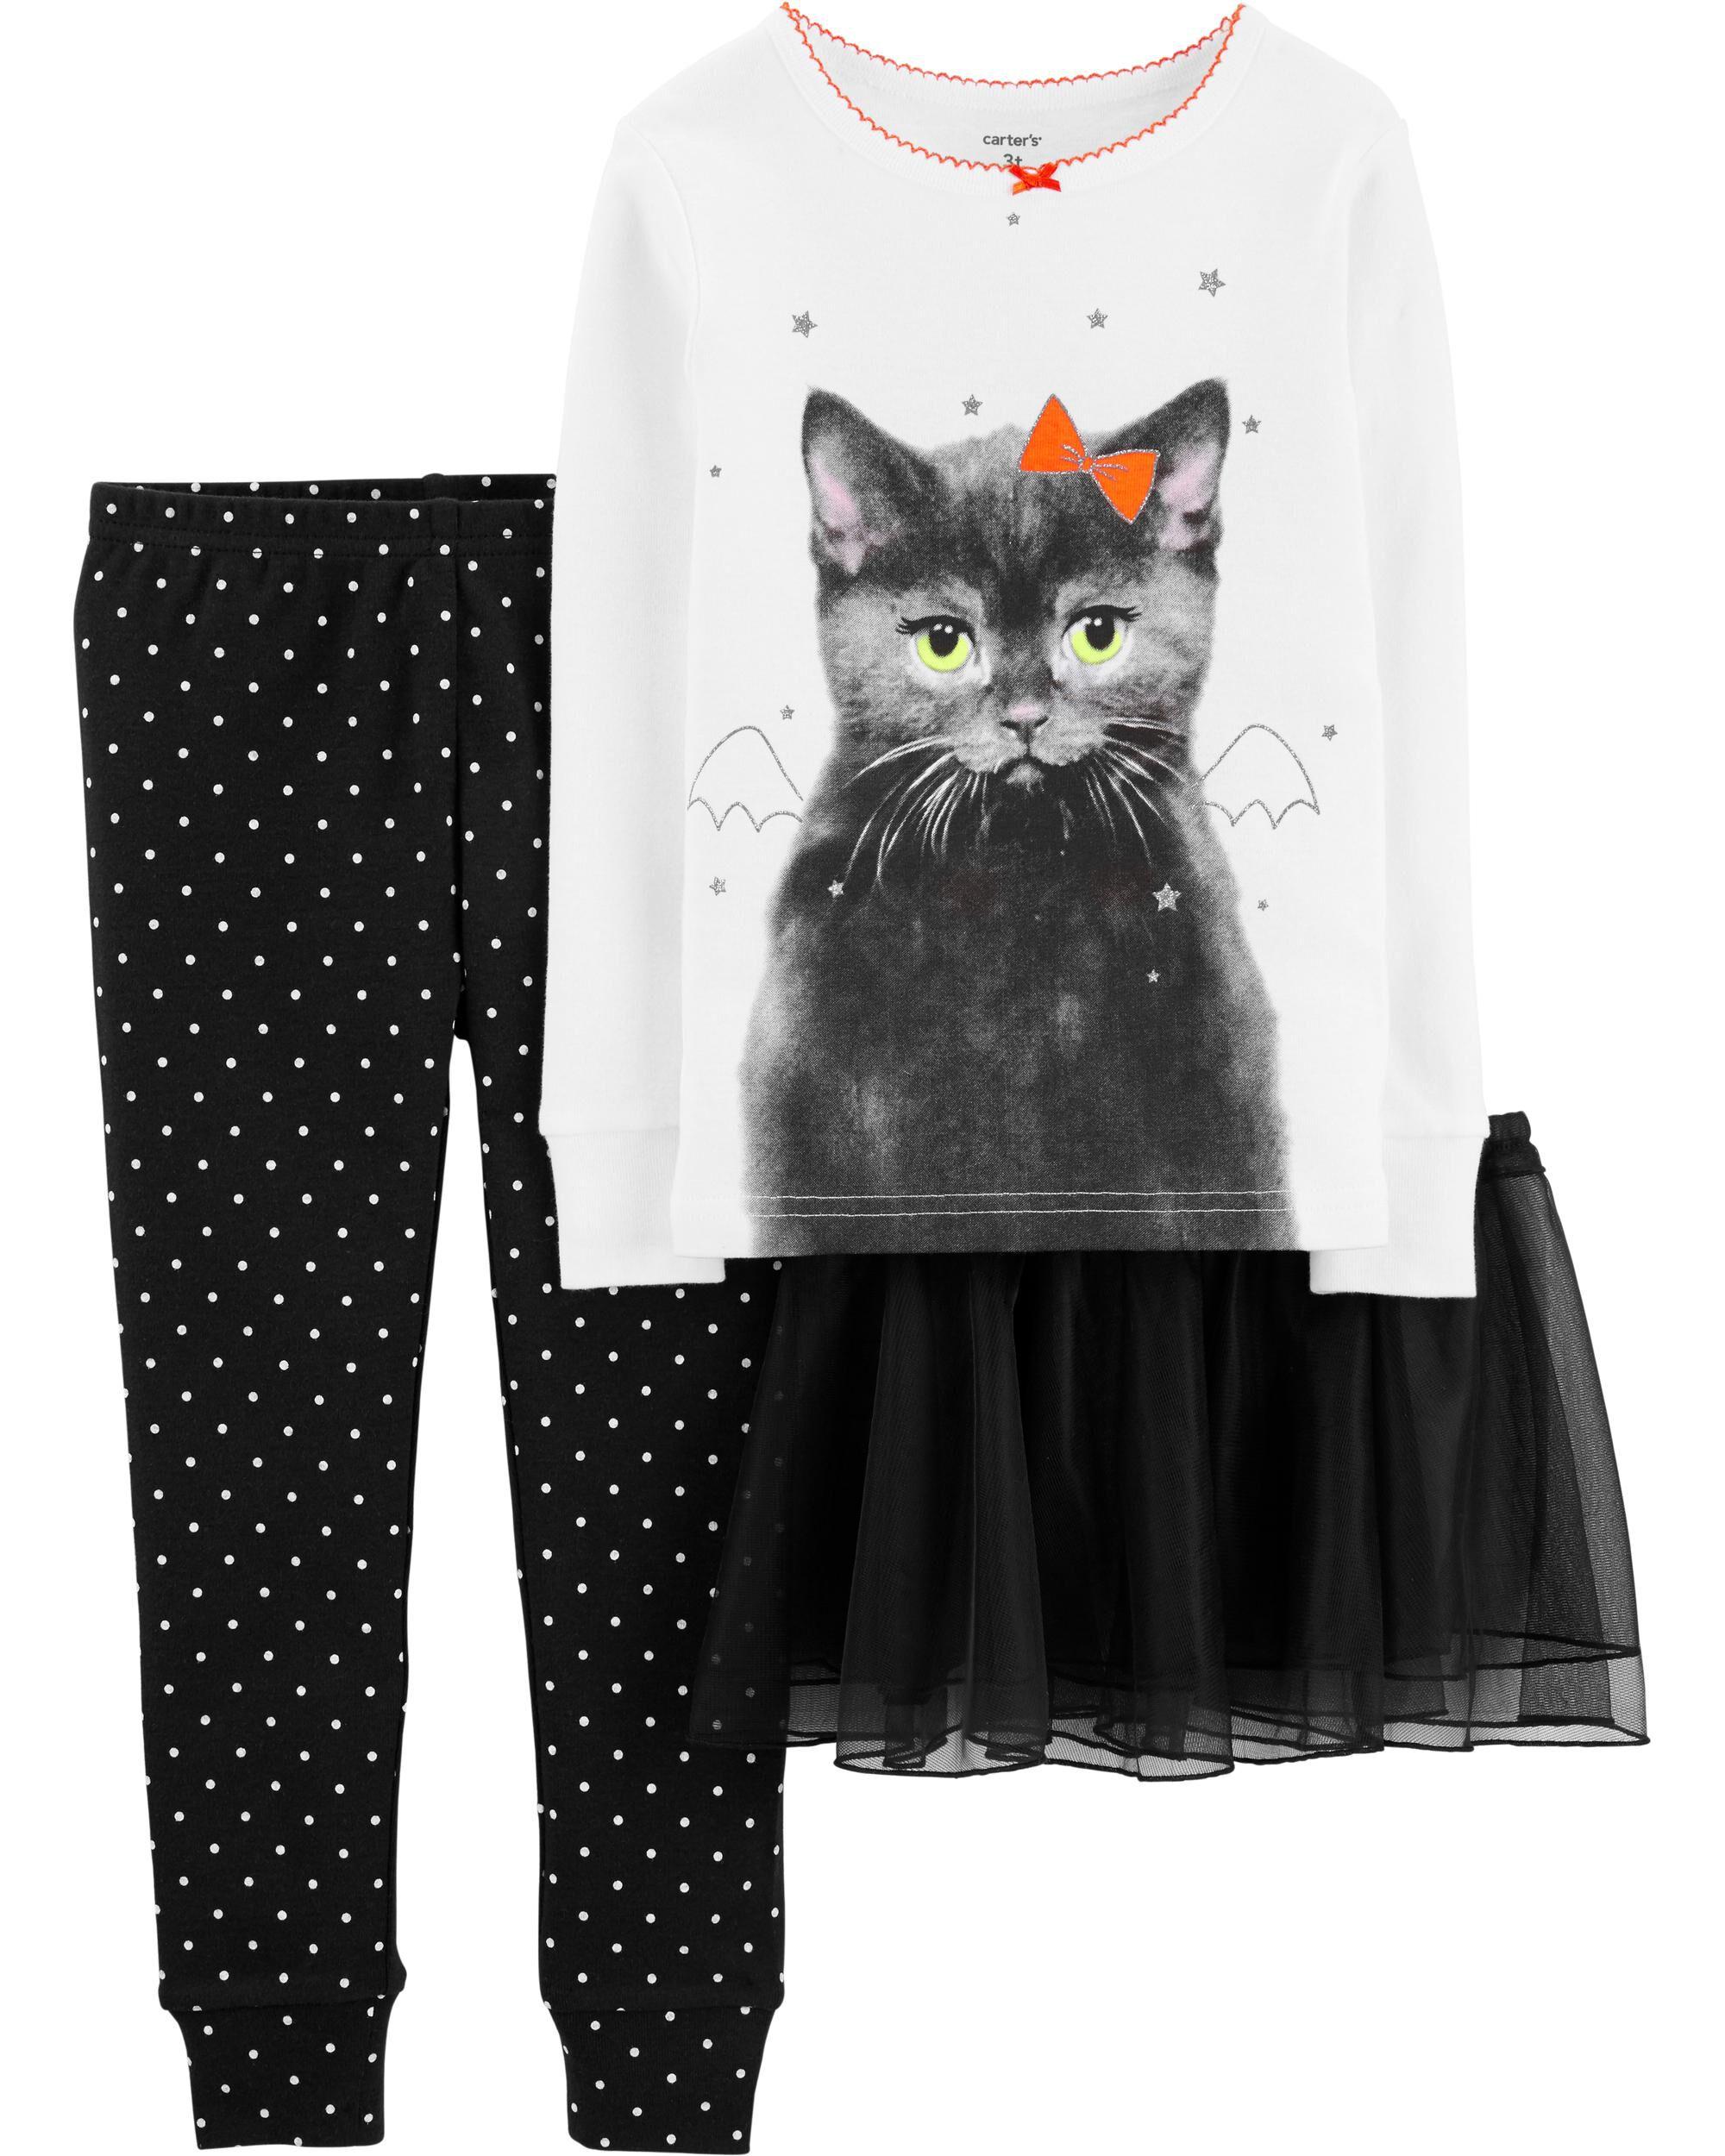 *CLEARANCE* 3-Piece Halloween Tutu Cat Snug Fit Cotton PJs